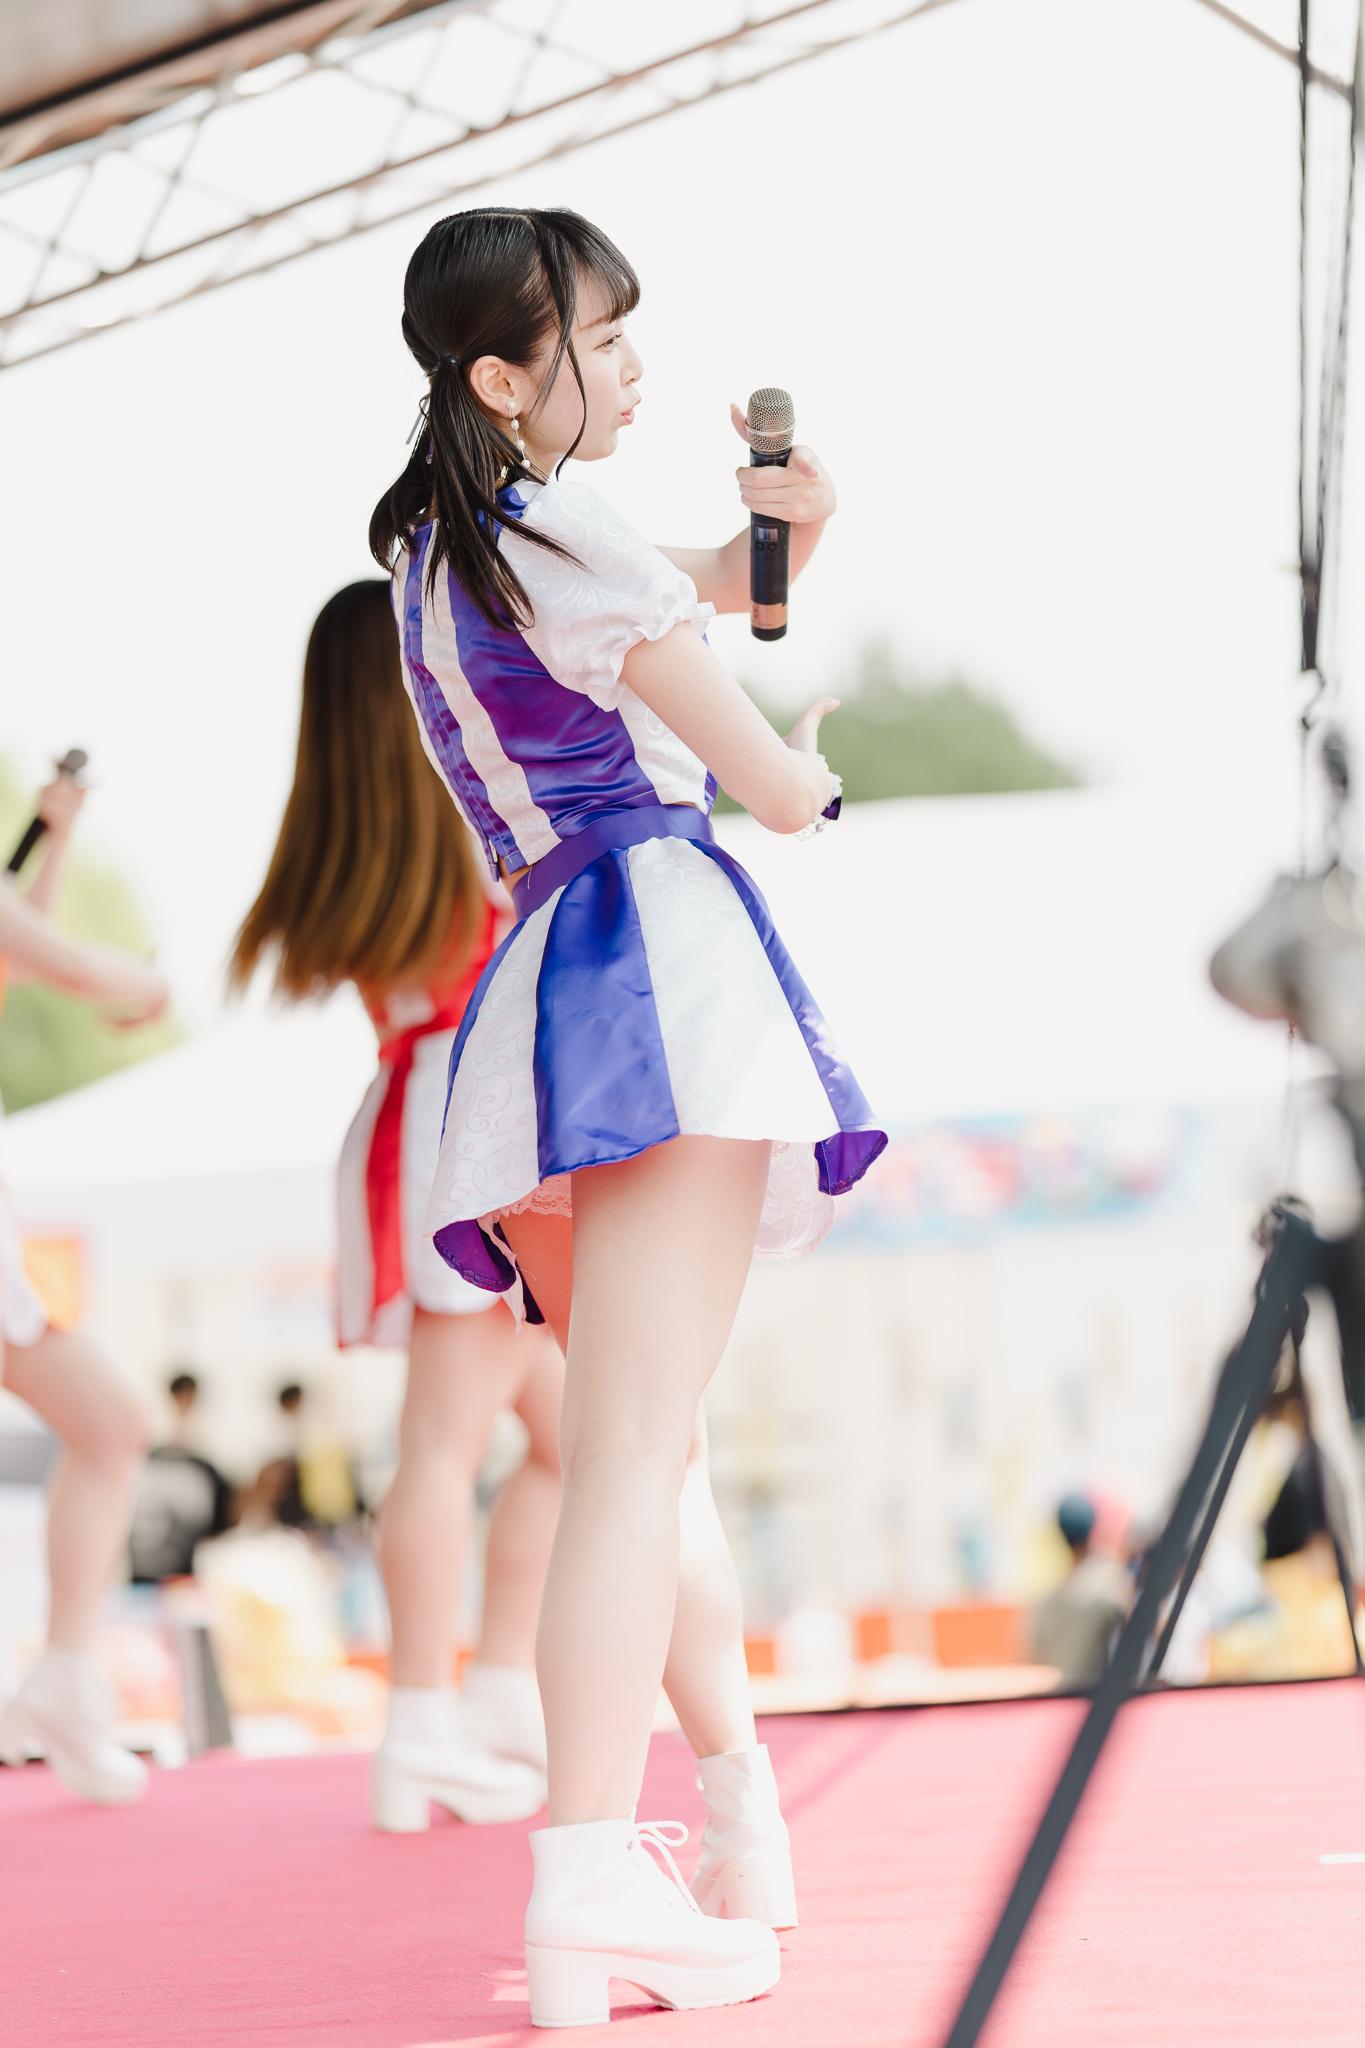 フルーティー♡ ゆいな ( 葉山結菜 ) | お宝百貨店万代藤野店「SUMMER FESTIVAL 2021」1日目